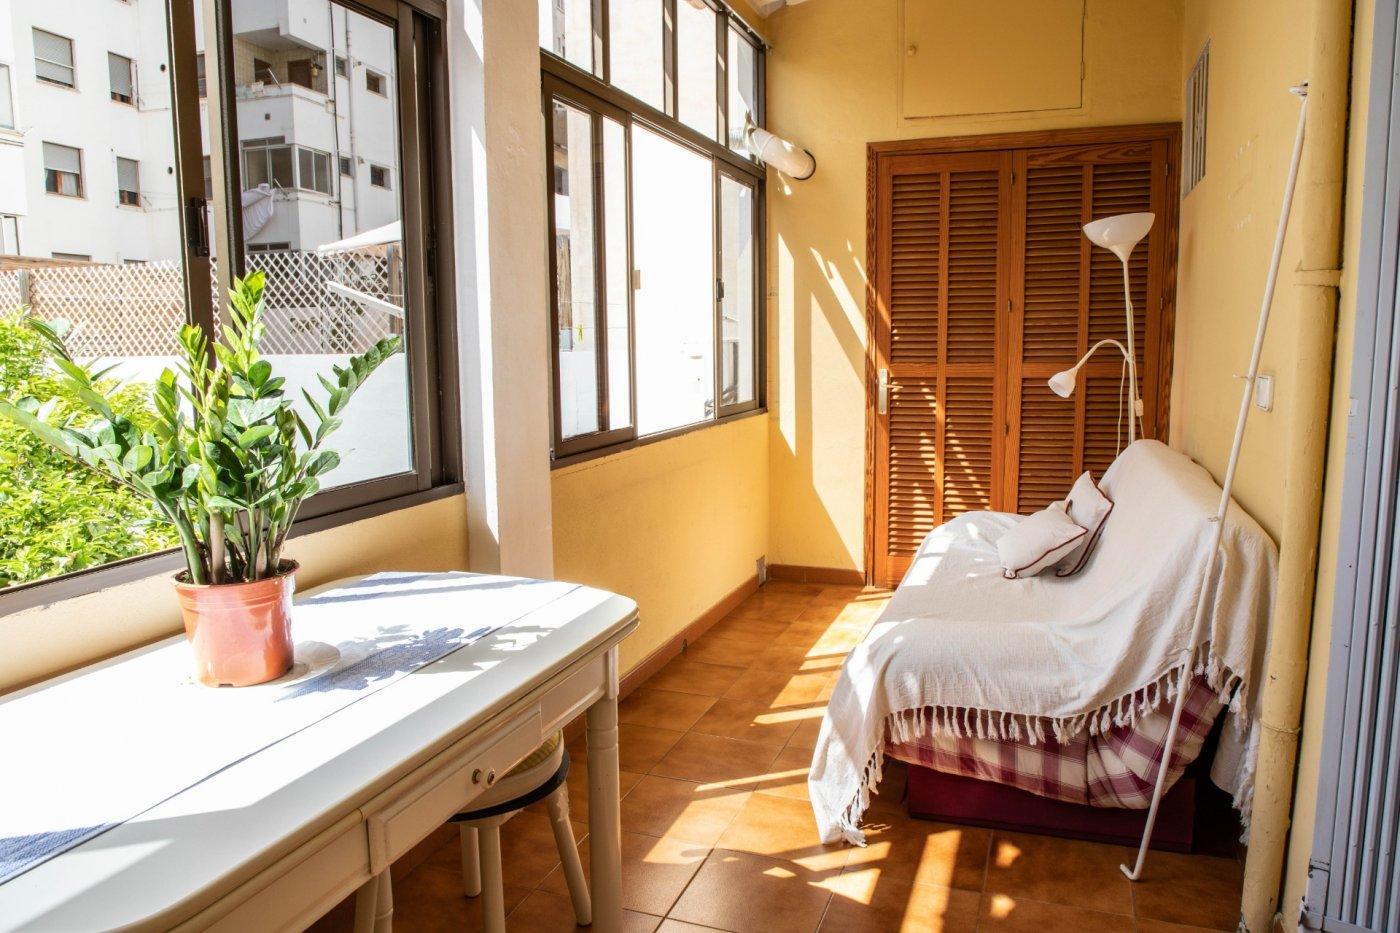 Primer piso con terrado privado en santa catalina - imagenInmueble10